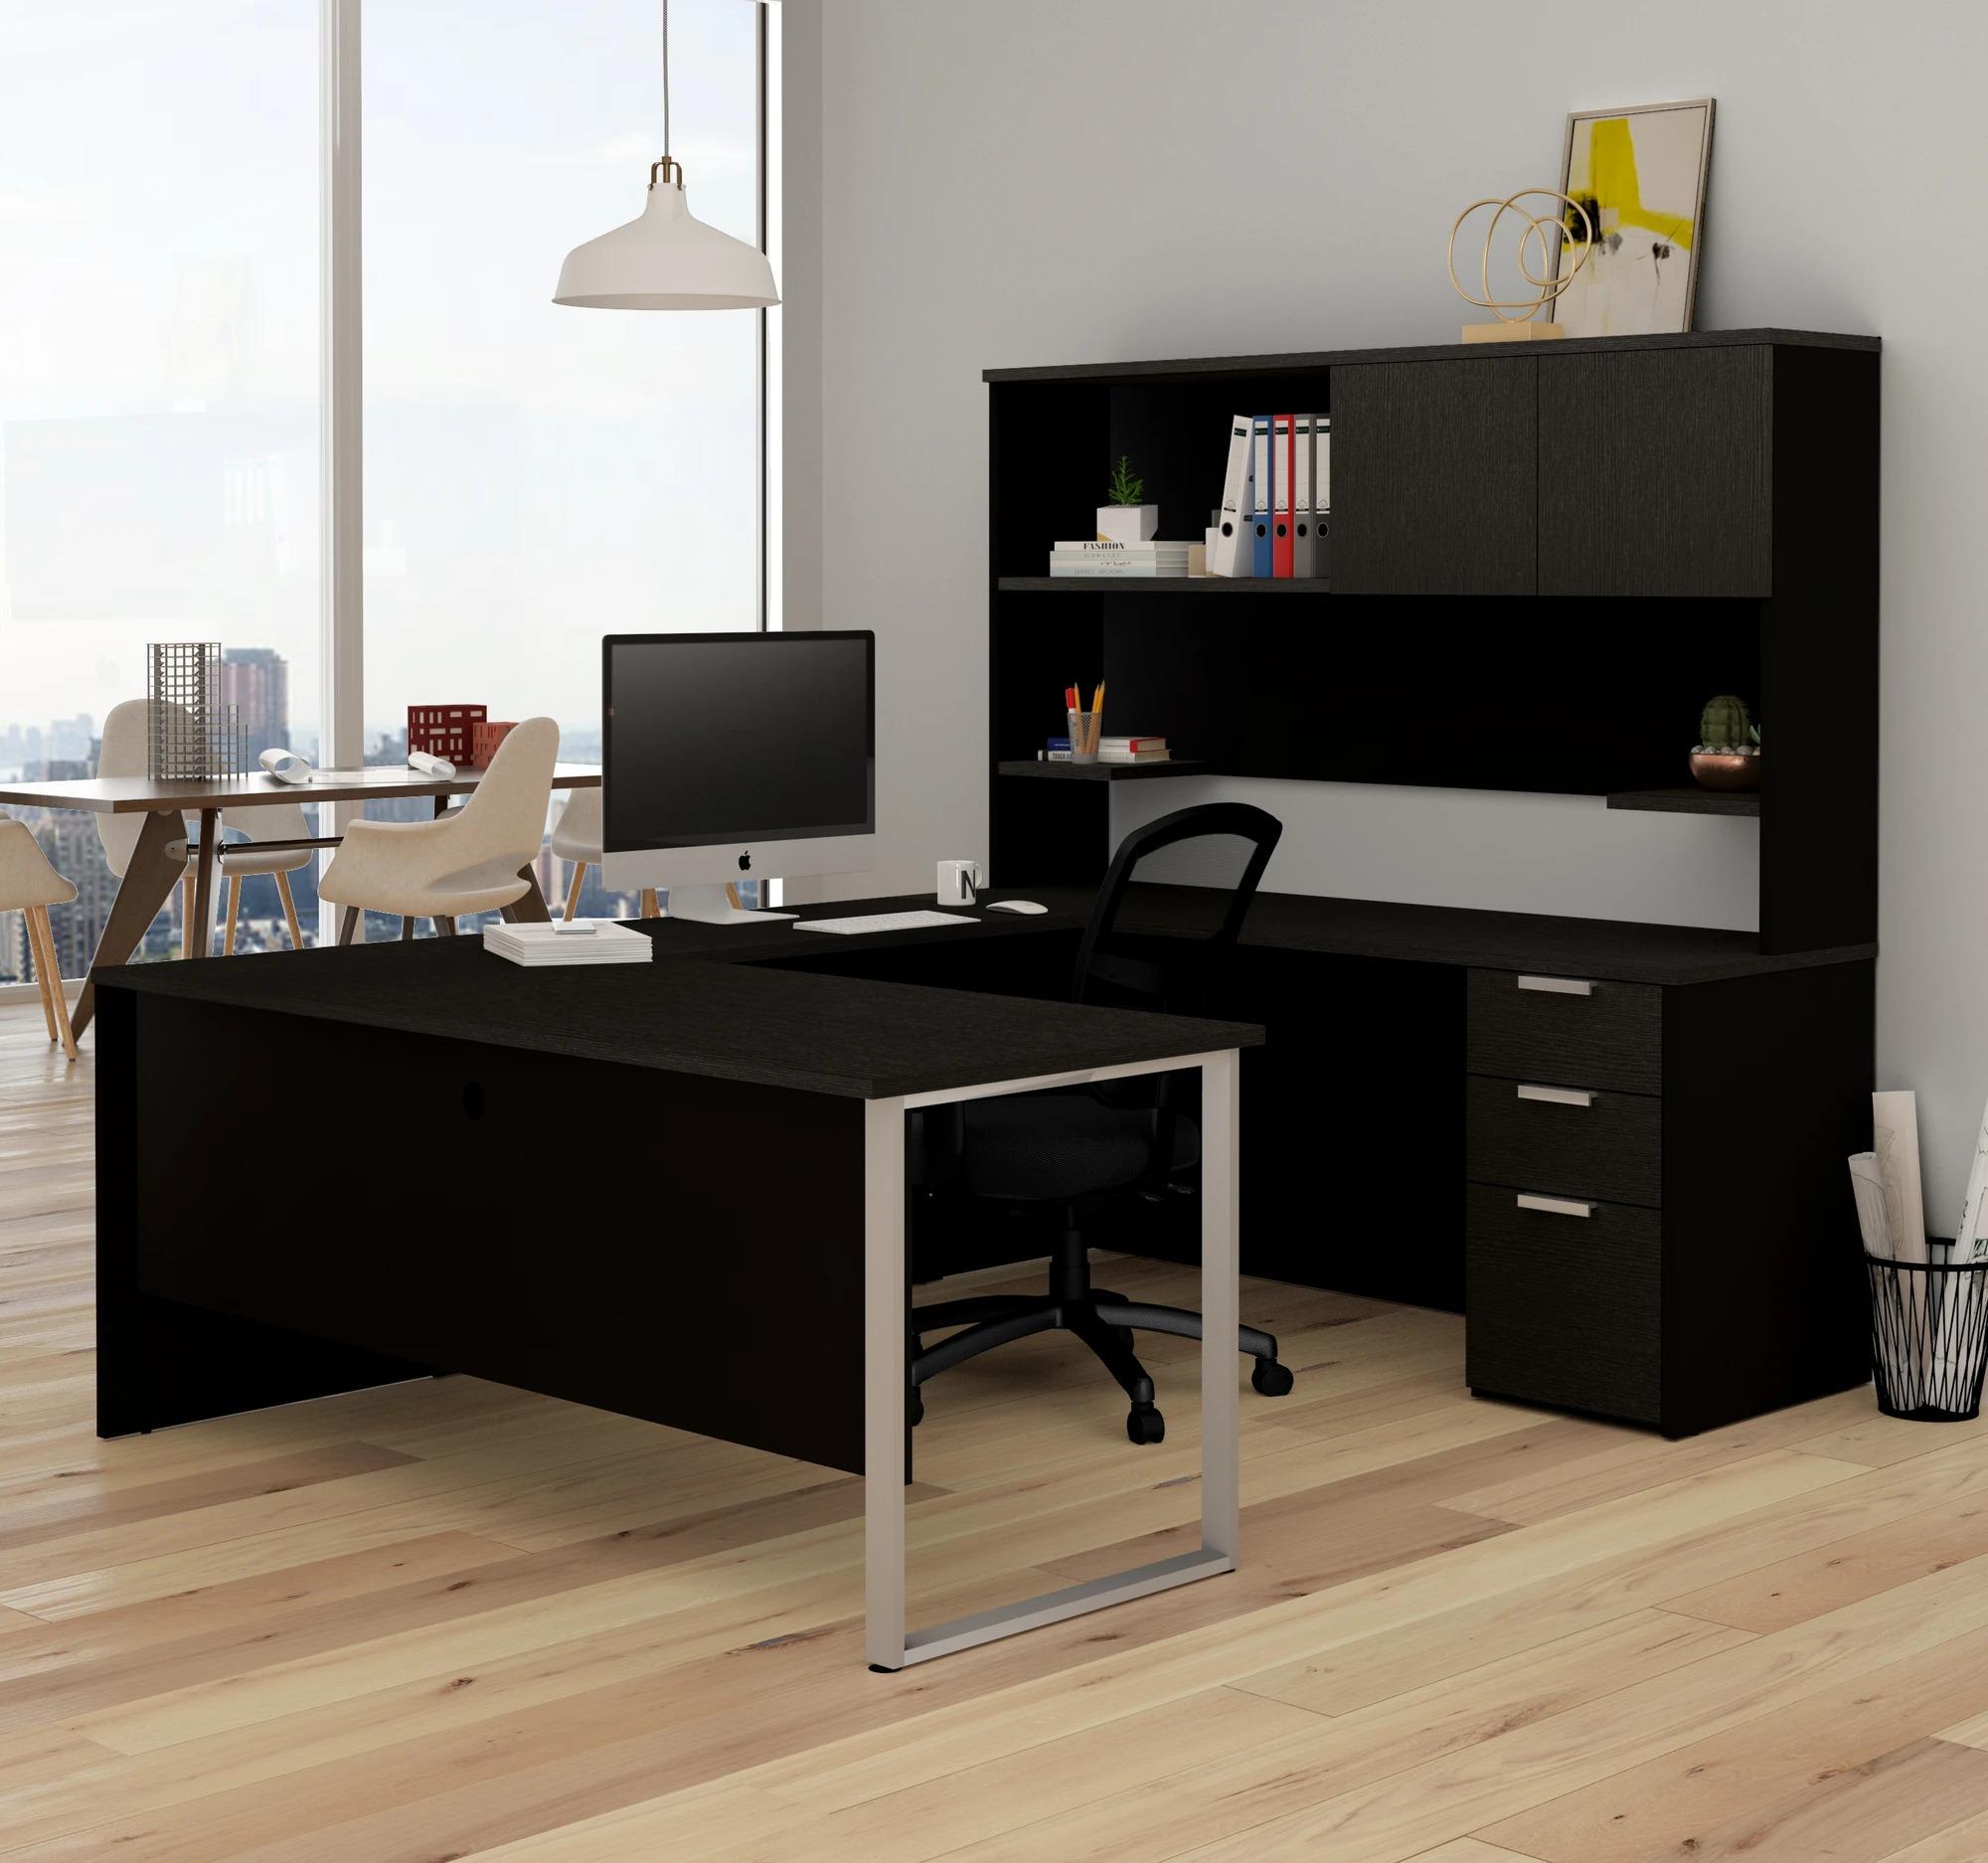 thiết kế thi công sản phẩm nội thất văn phòng theo yêu cầu